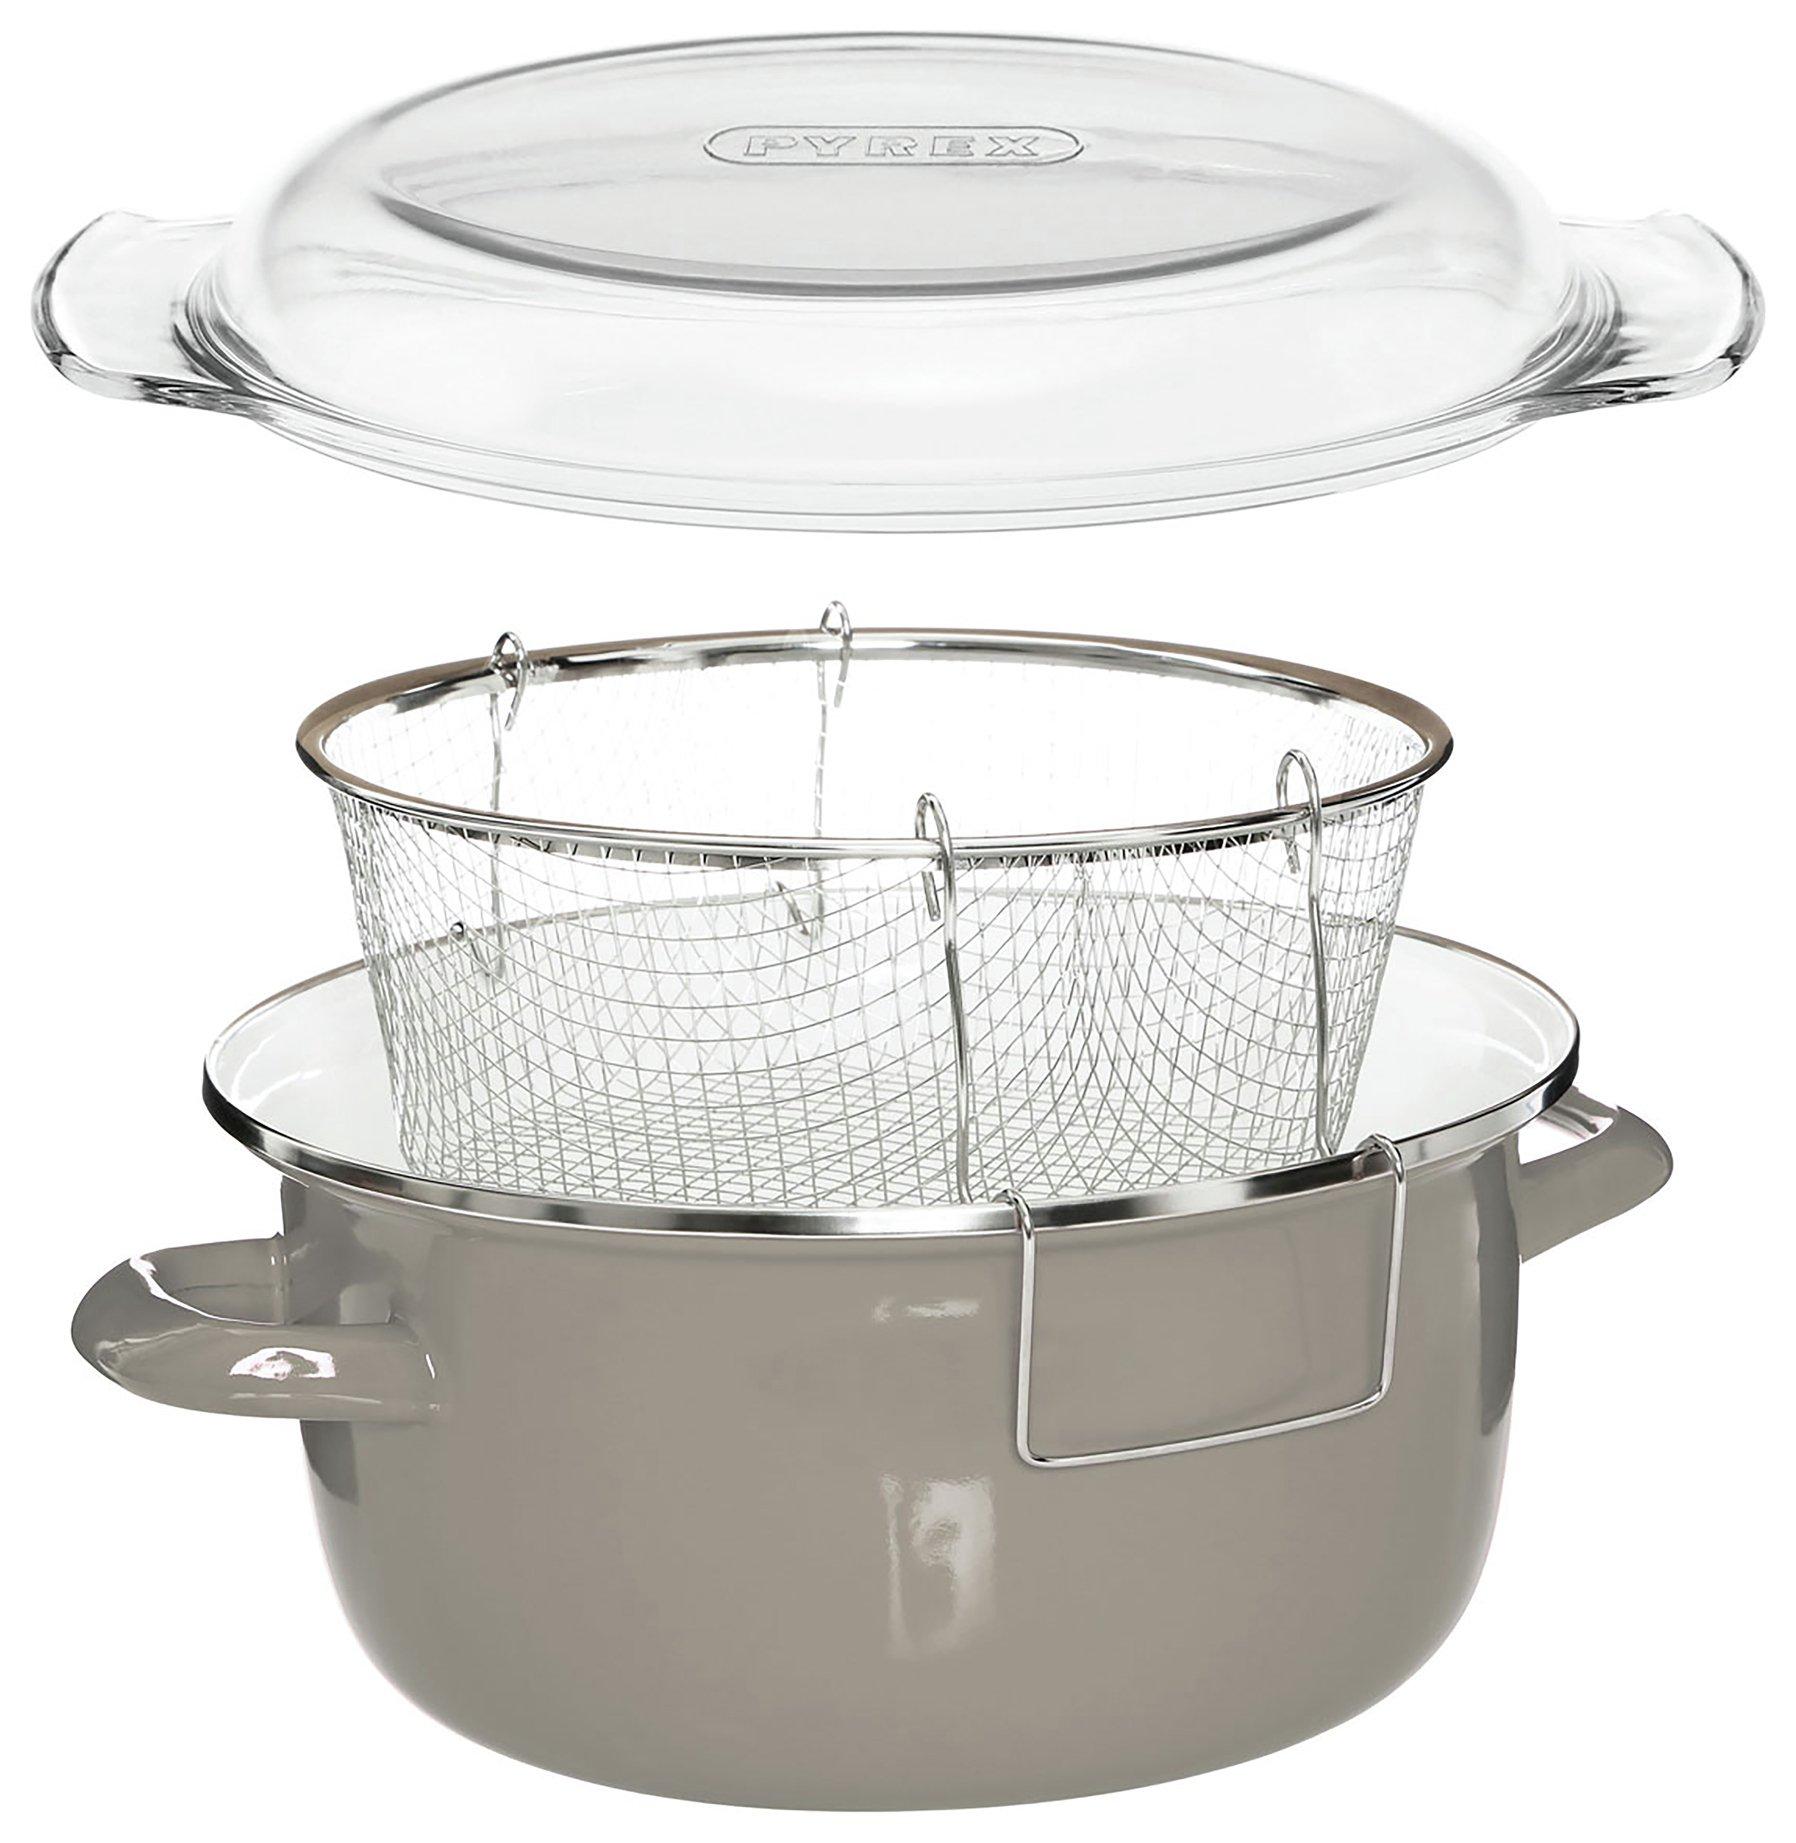 Deep Fryer Grey Enamel Fryer with Wire Basket.